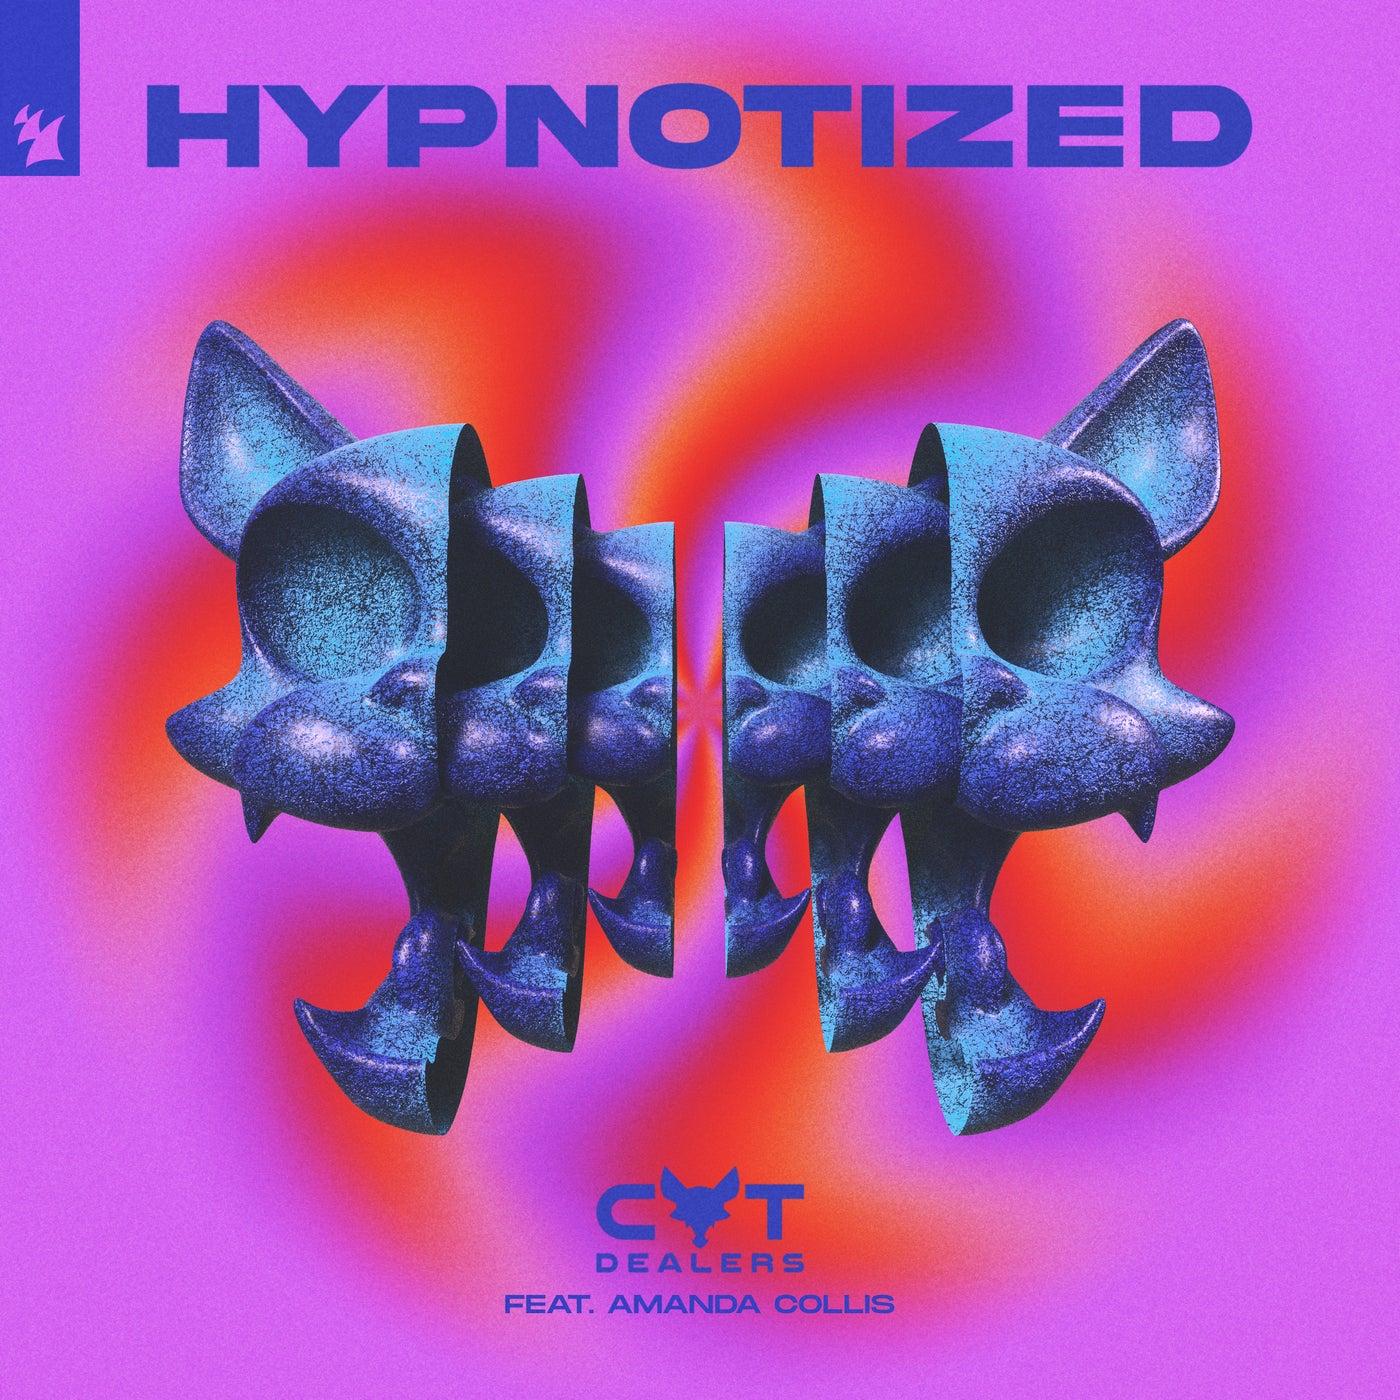 Hypnotized feat. Amanda Collis (Extended Mix)